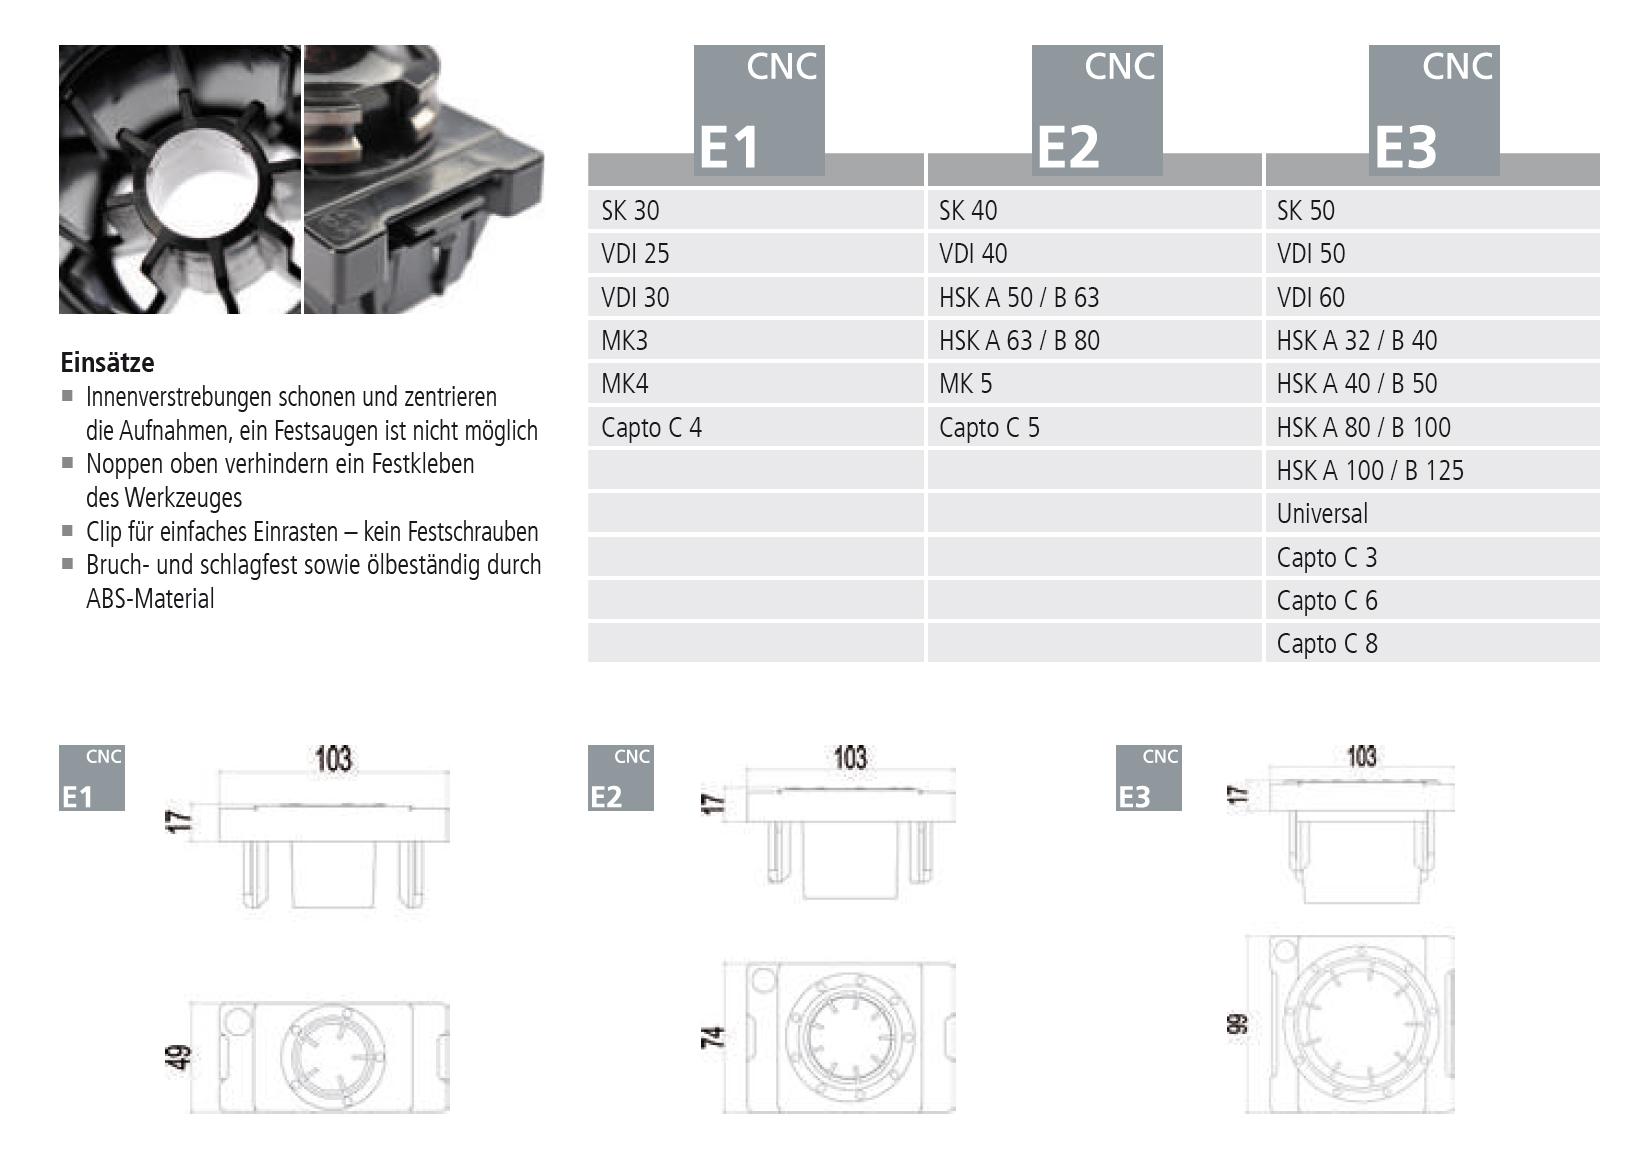 CNC-Einsatze